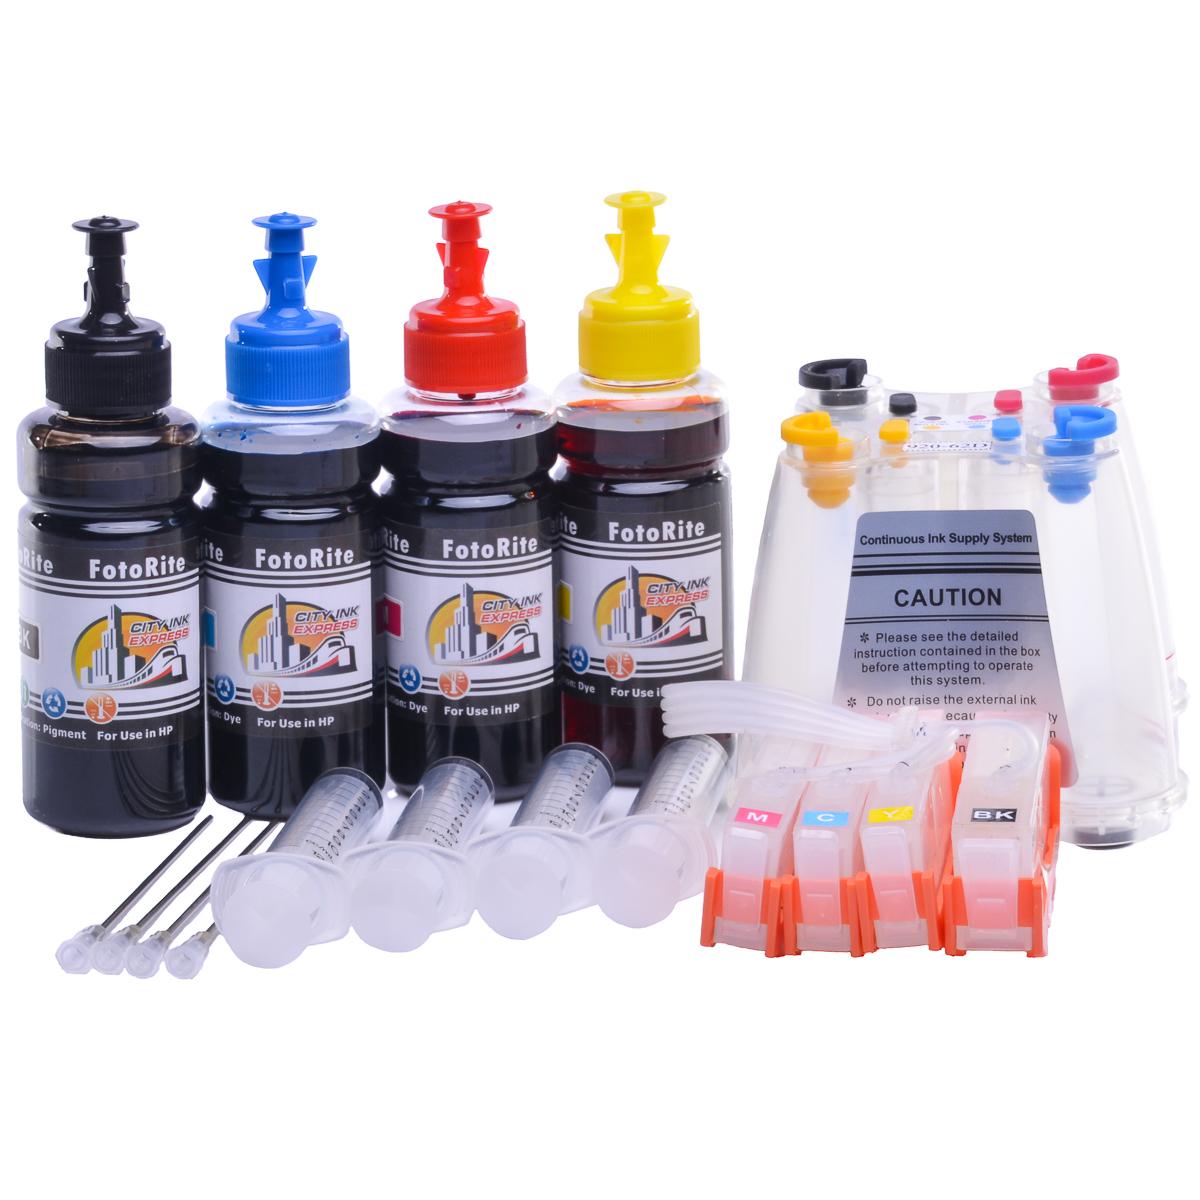 Ciss for HP Photosmart printer: HP Photosmart Photosmart B211a | Dye Ink